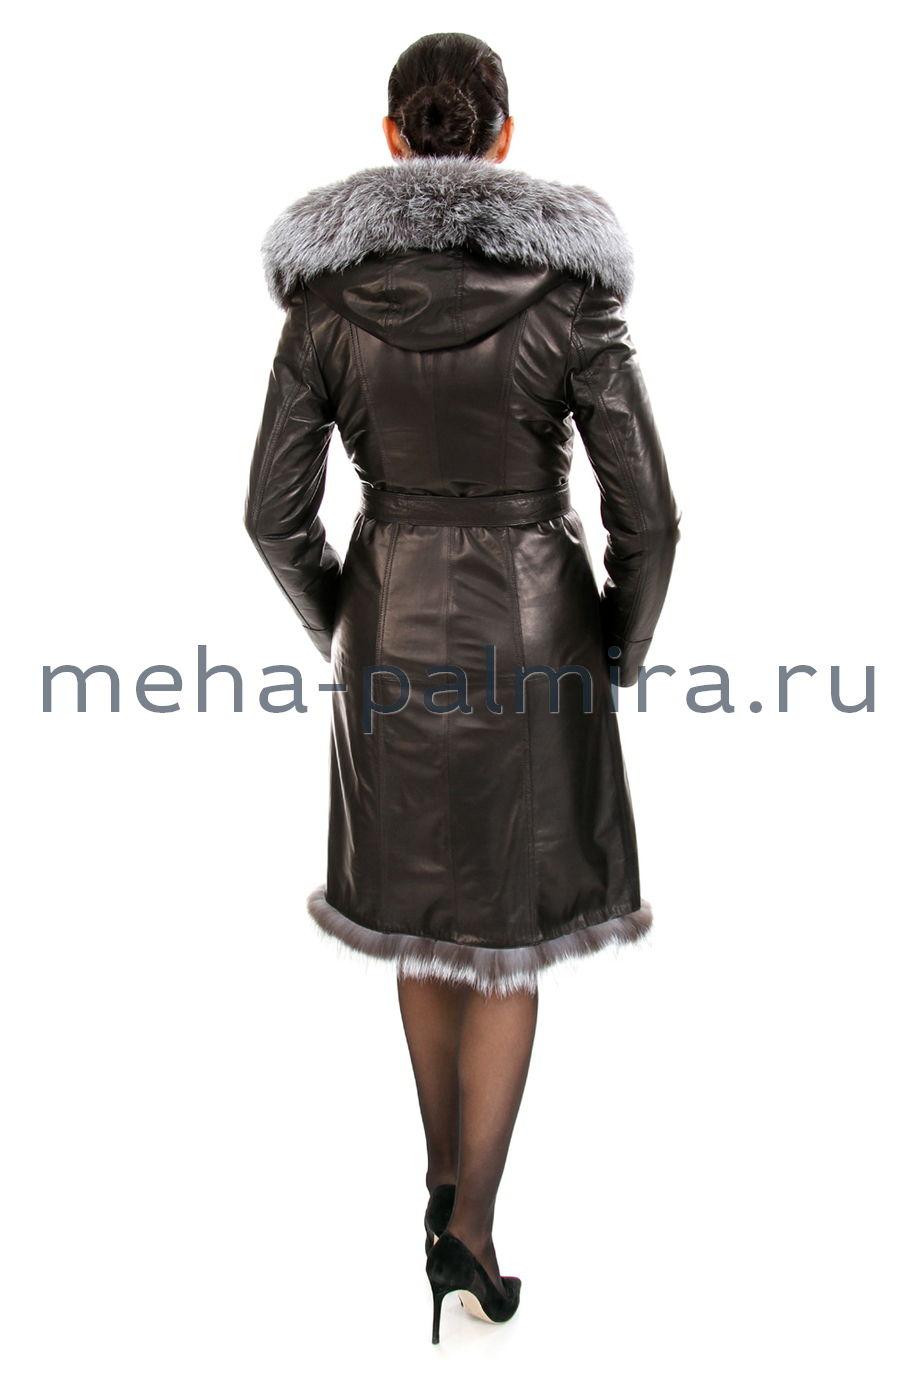 Женская дубленка из натуральной кожи и овчины, капюшон оформлен мехом лисы